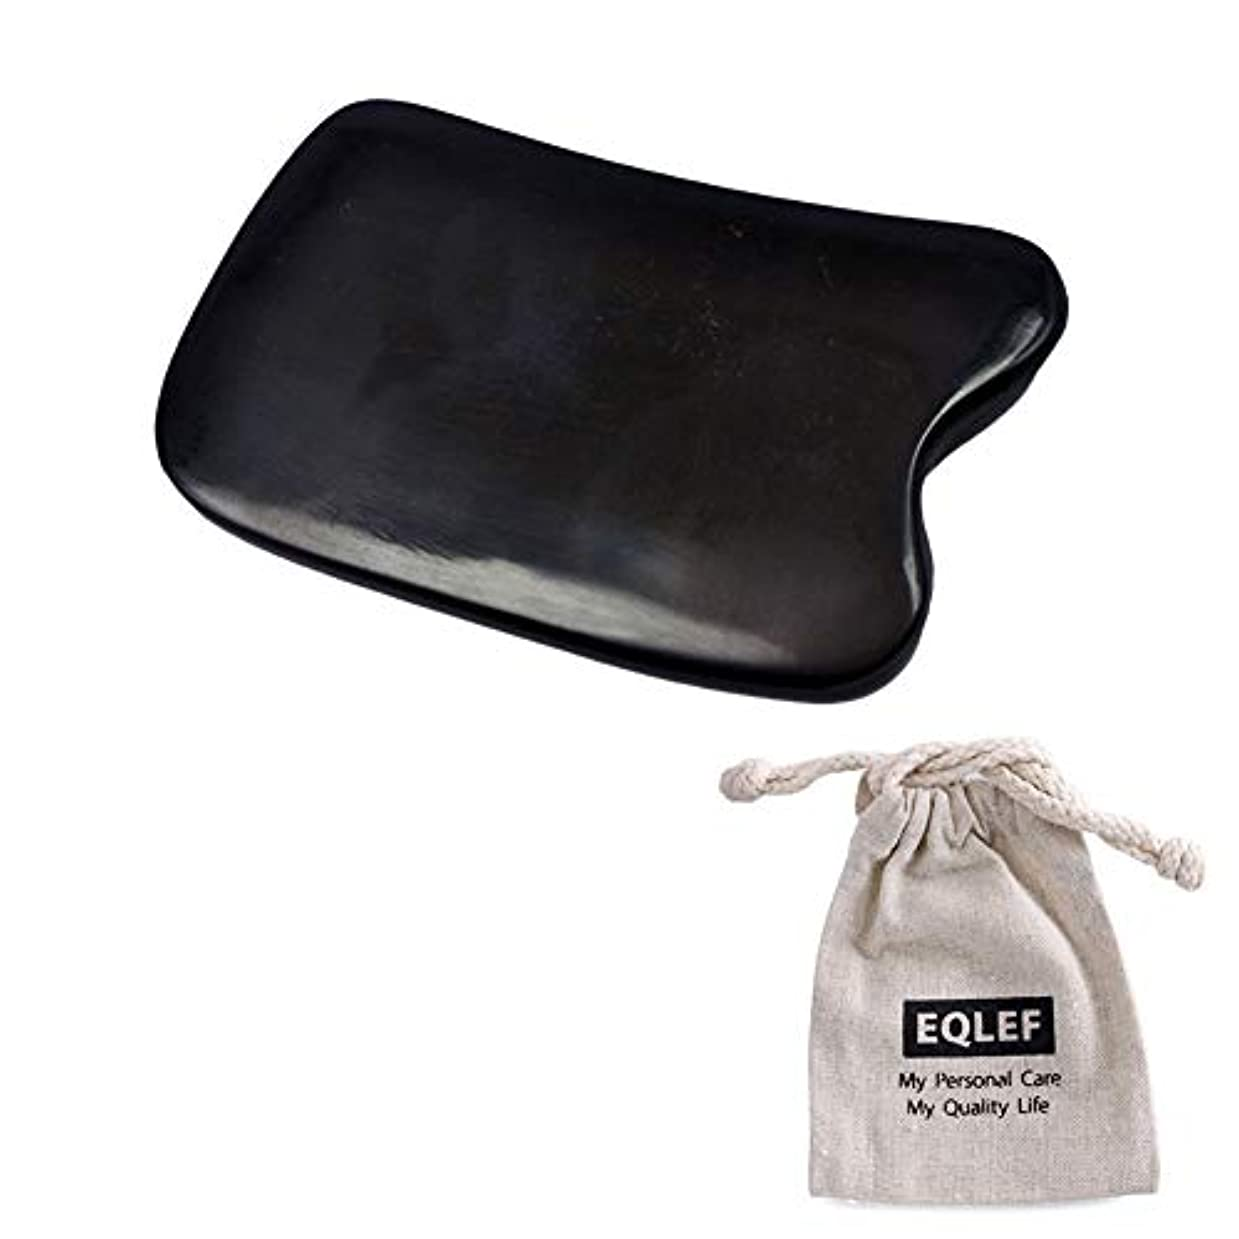 コメントグラス石鹸牛角カッサ カッサボード カッサマッサージ道具 プロも使っている なめらか仕上げの牛角かっさプレート 角形